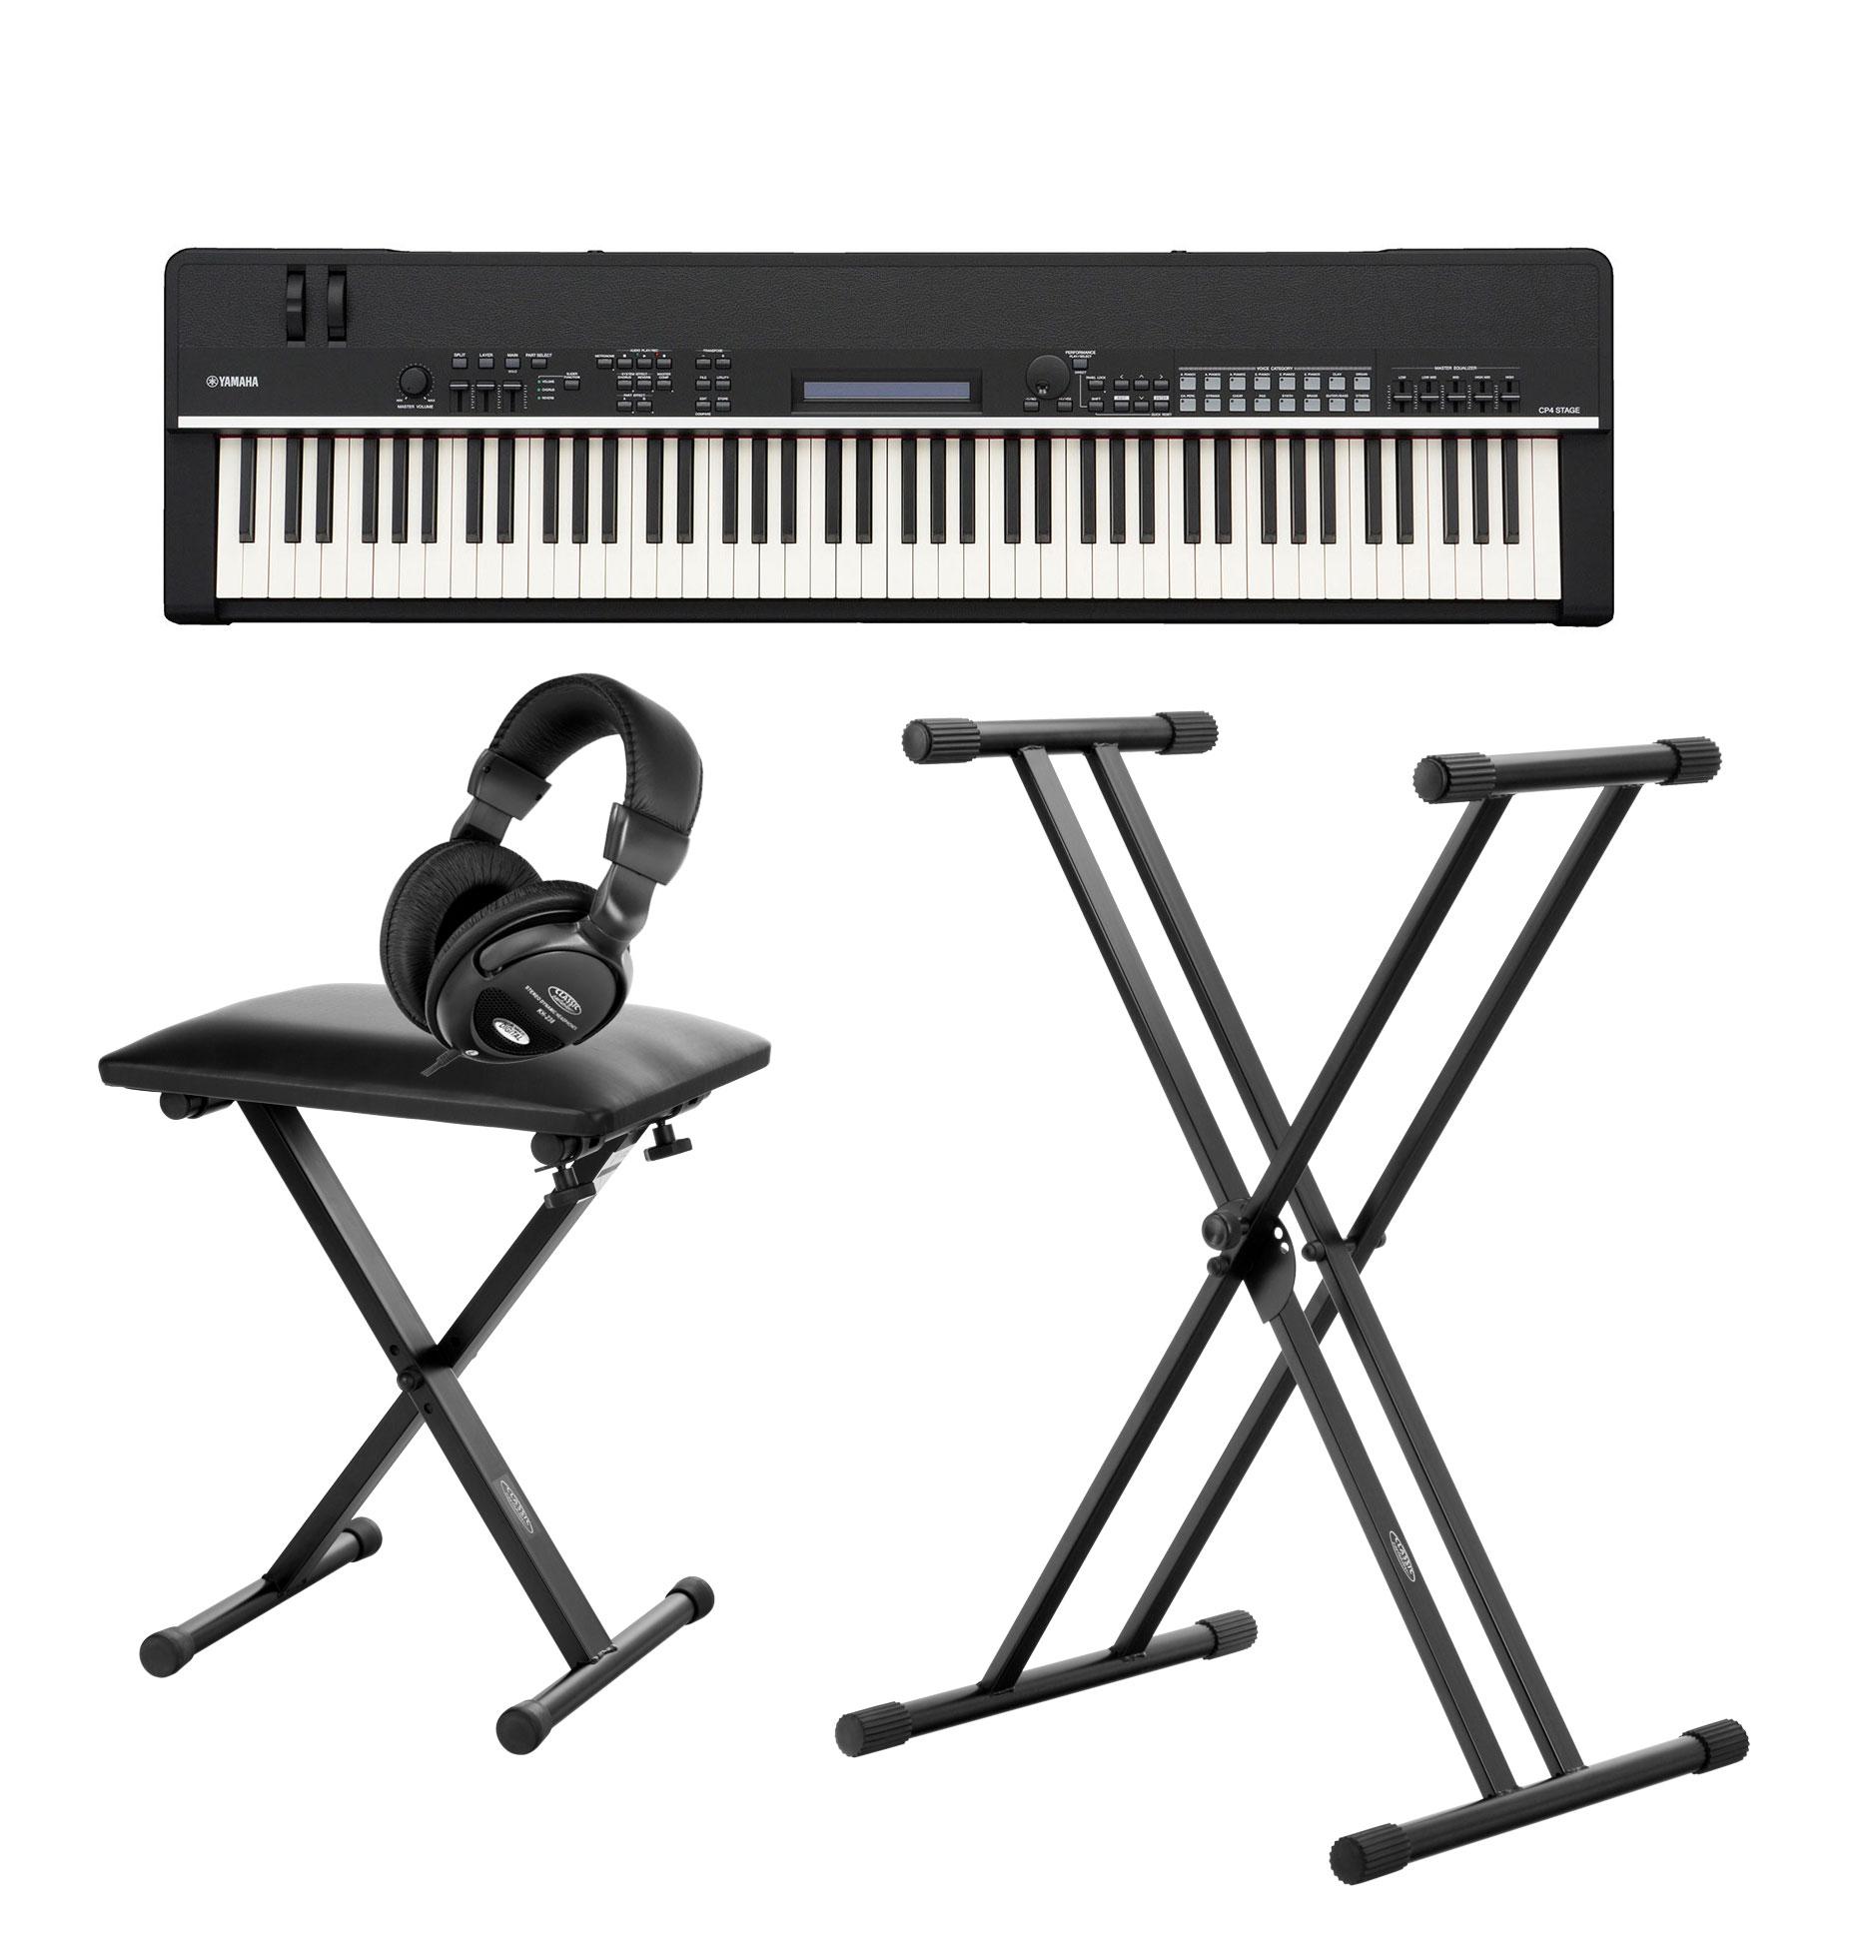 Yamaha CP4 STAGE Stagepiano SET mit Pedal, Ständer, Bank und Kopfhörer